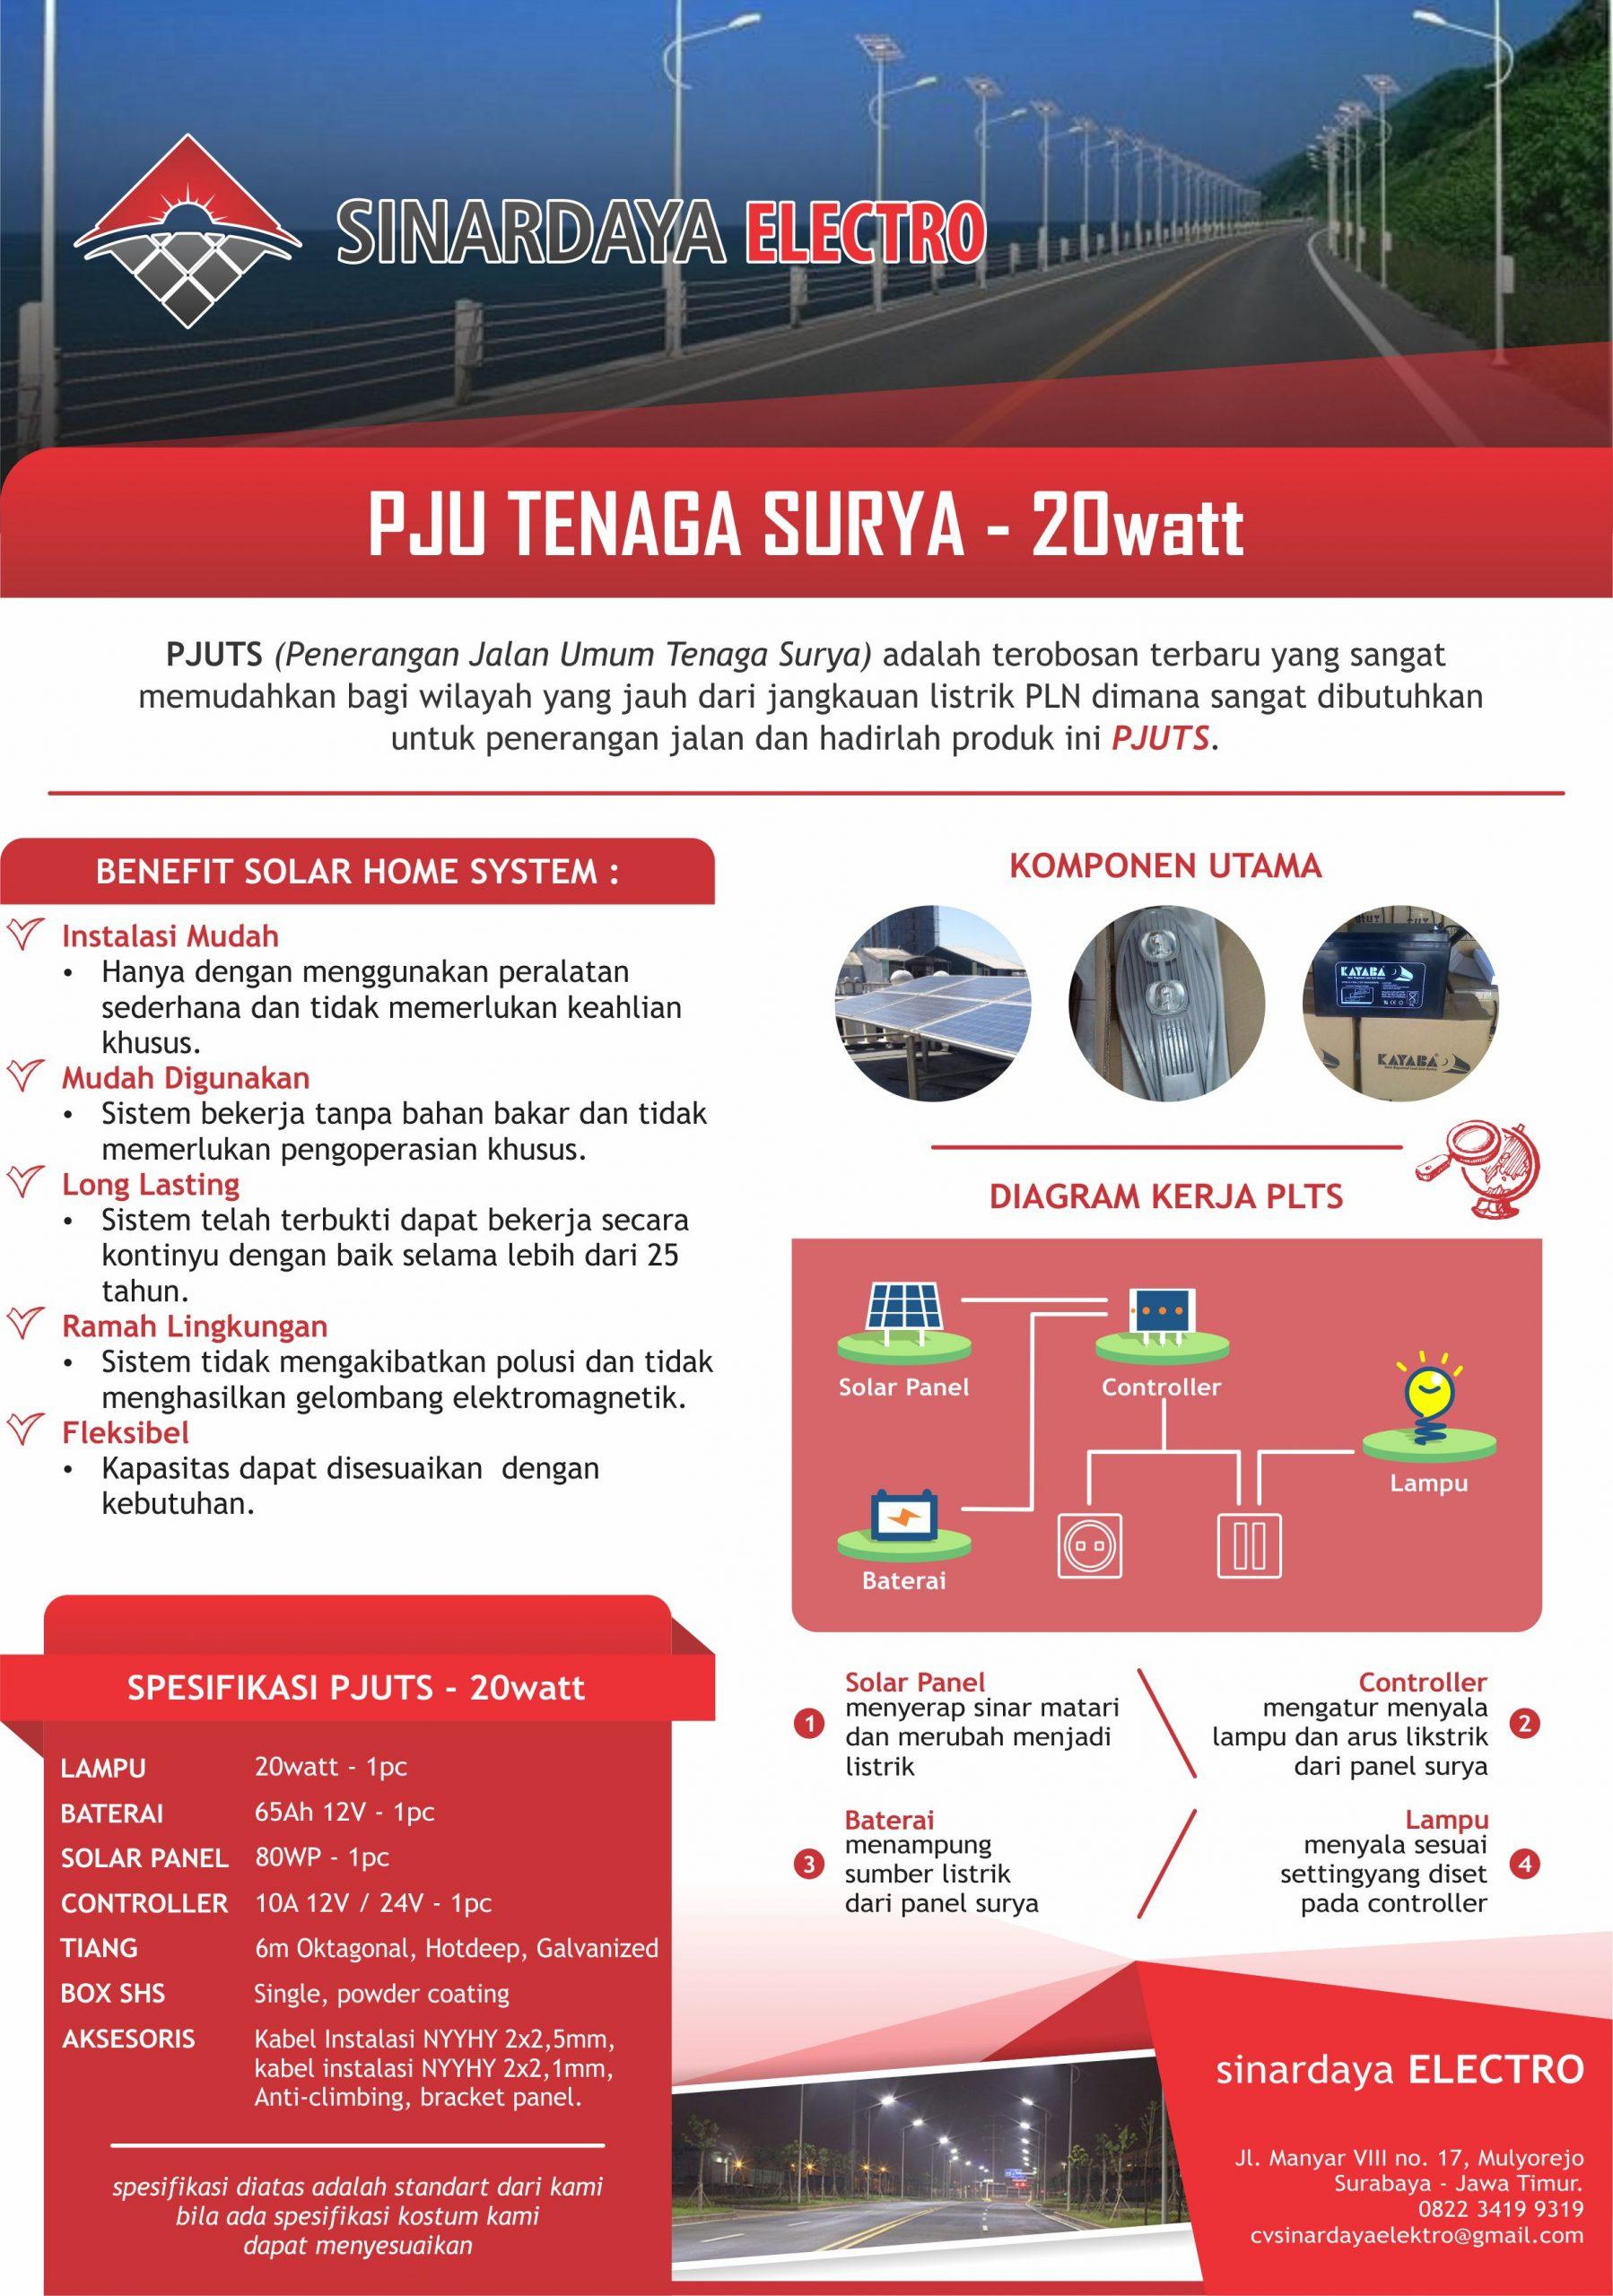 Lampu PJU Tenaga Surya Terbaru 2018 | Daftar Harga Terbaru 2020